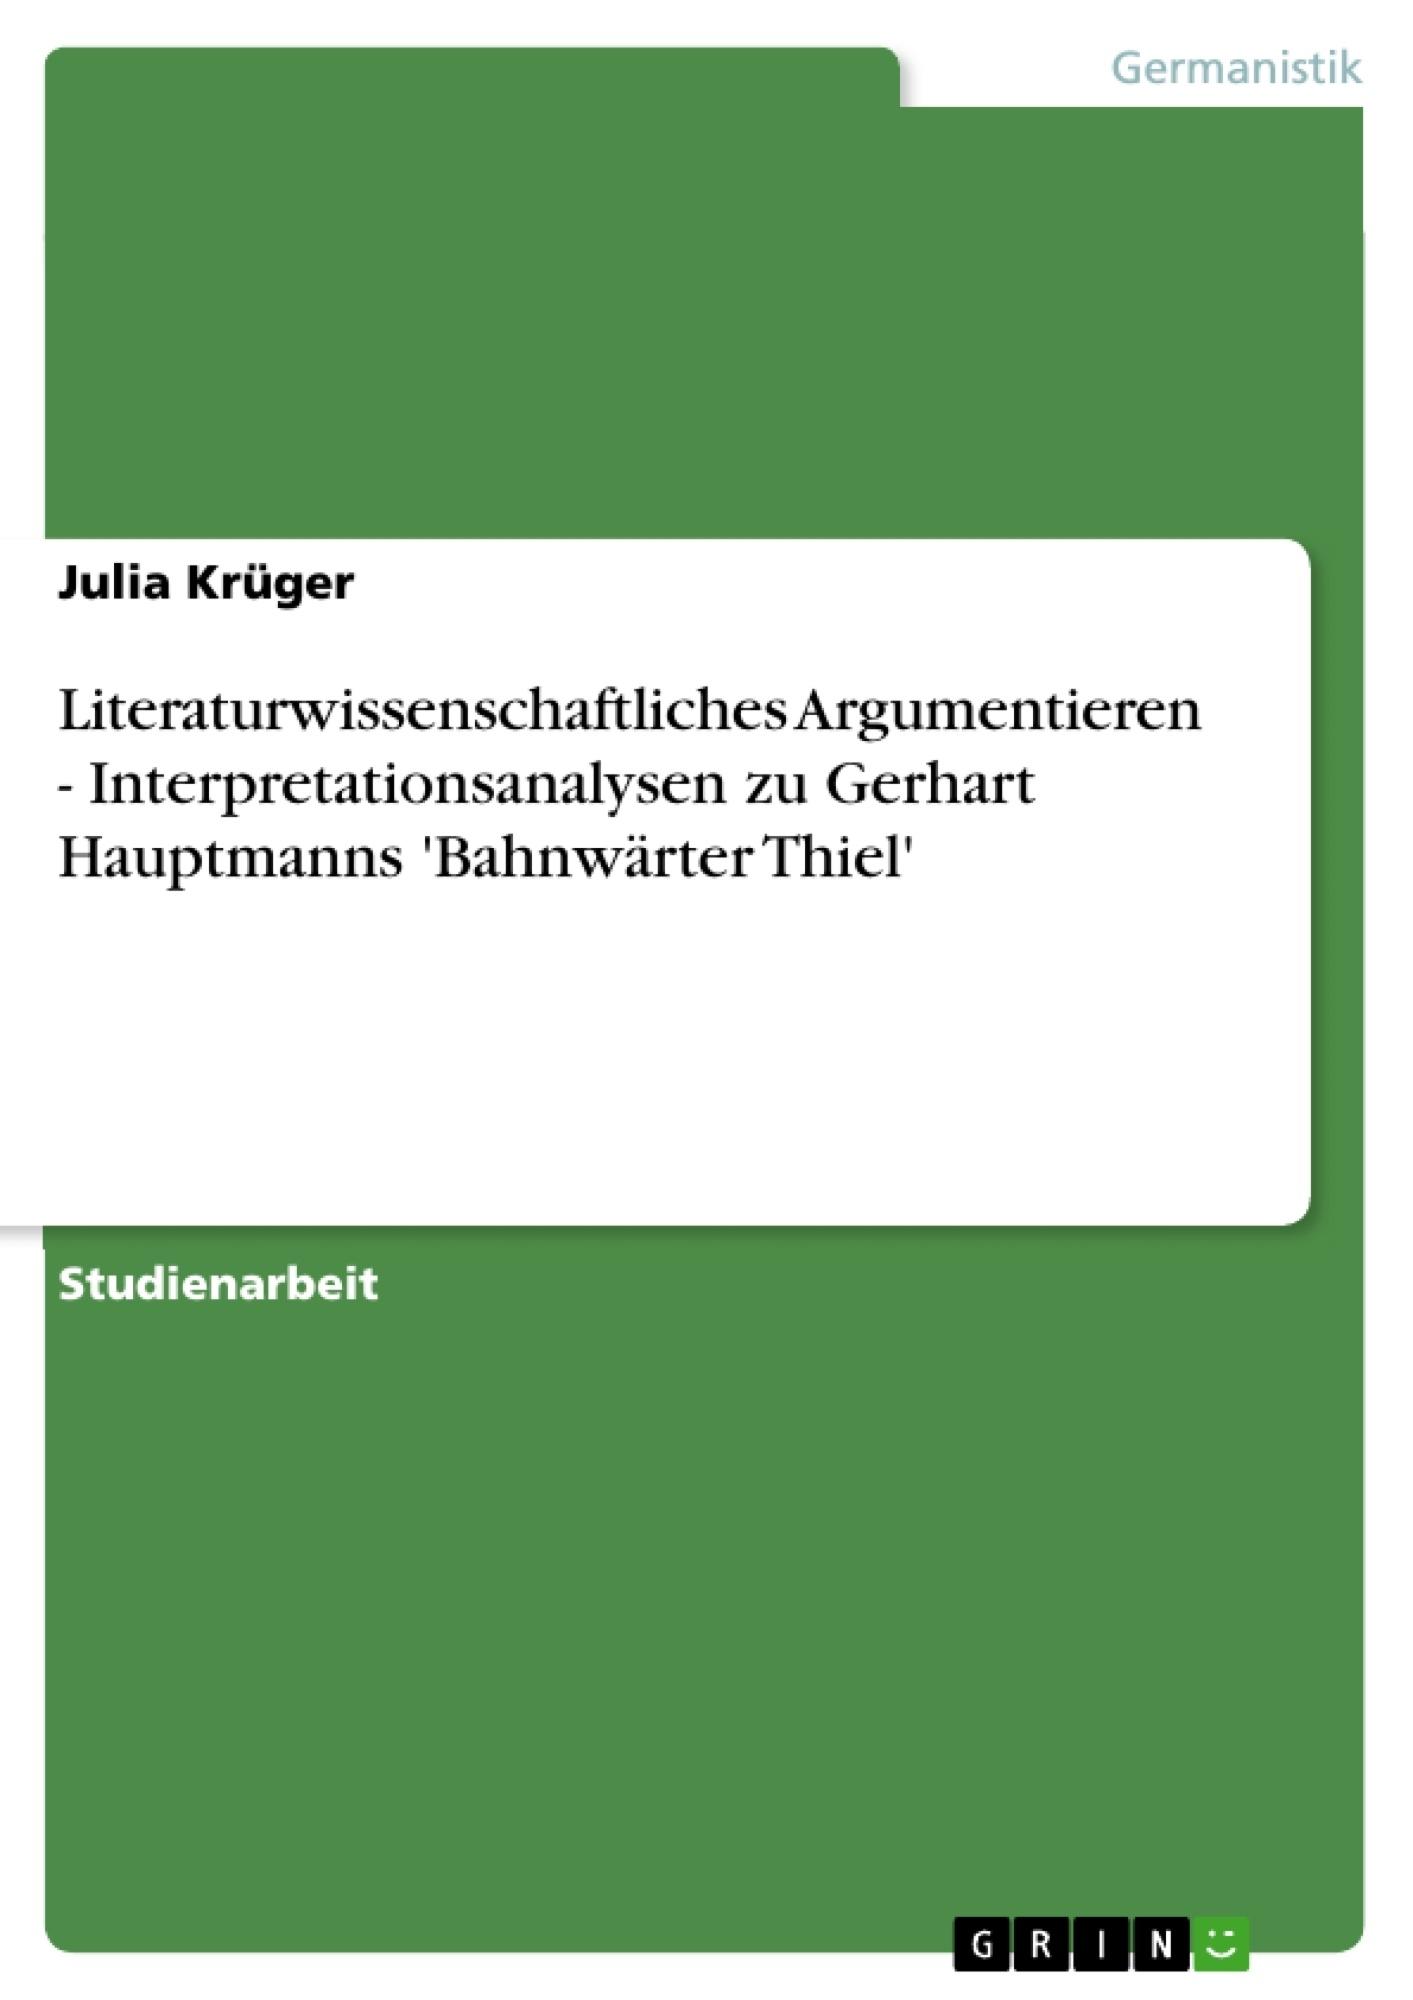 Titel: Literaturwissenschaftliches Argumentieren - Interpretationsanalysen zu Gerhart Hauptmanns 'Bahnwärter Thiel'